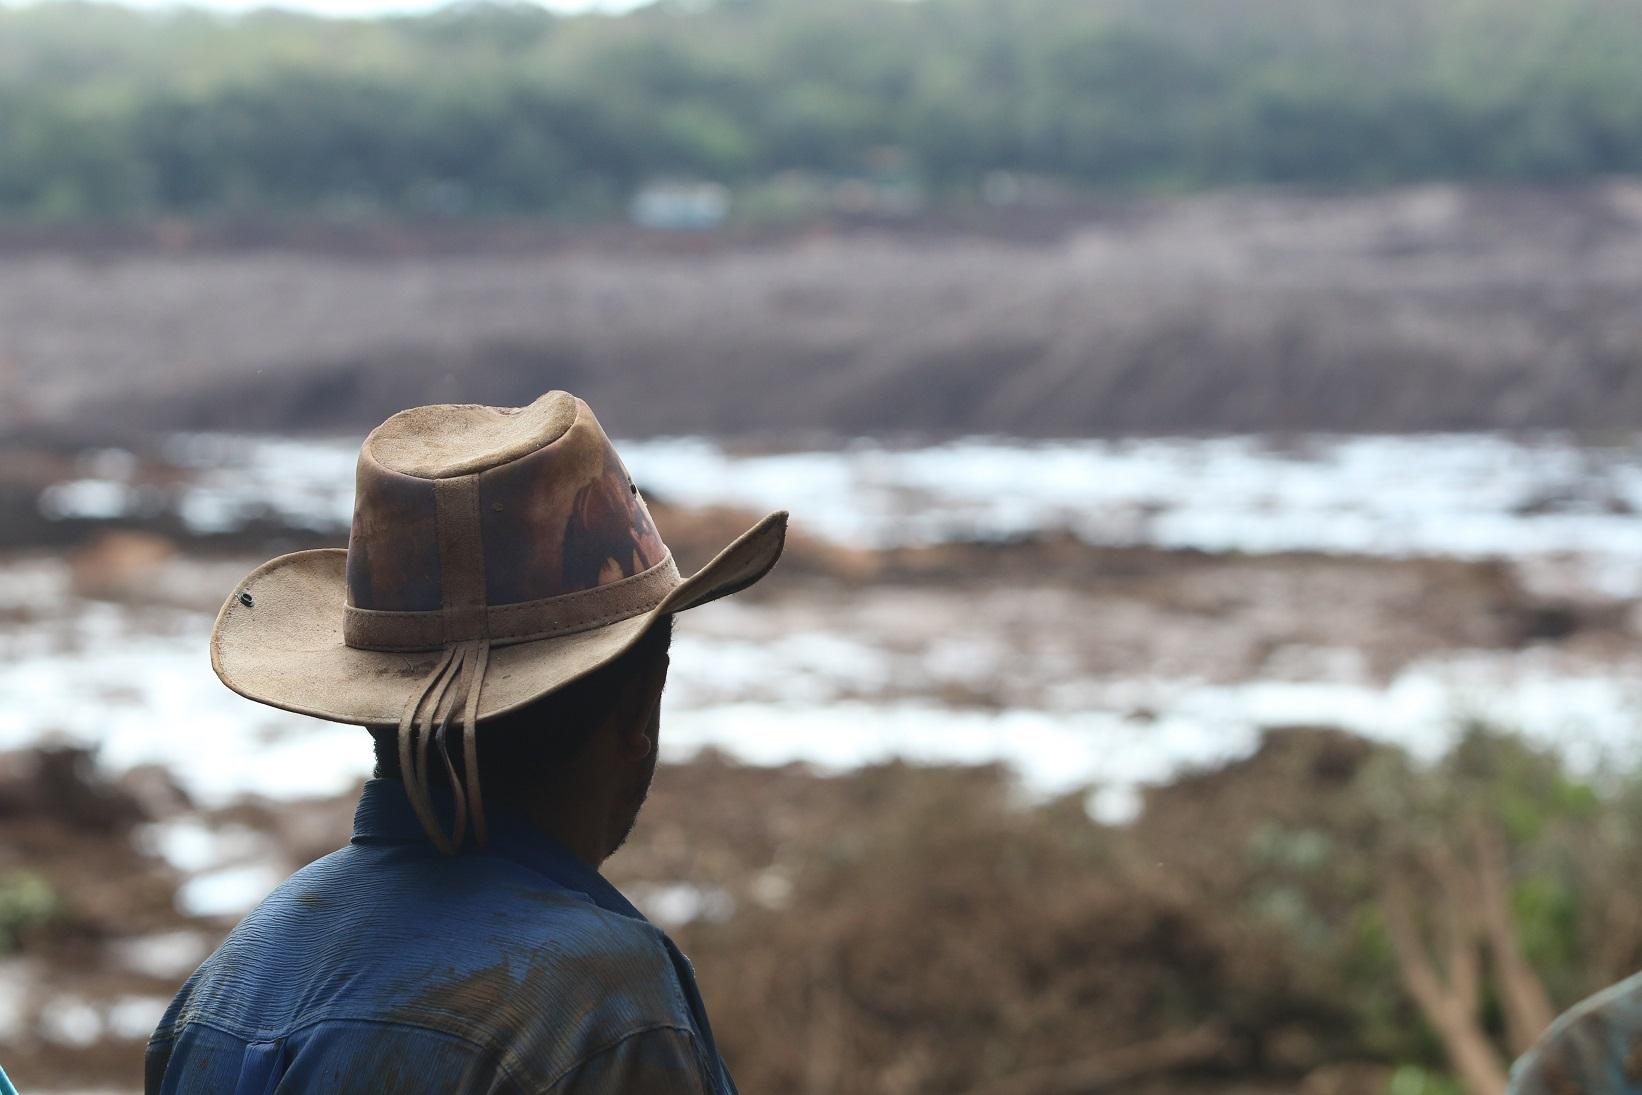 Morador observa o mar de lama na região de Brumadinho após o rompimento da barragem da Vale. Foto Doug Patrício/DPA